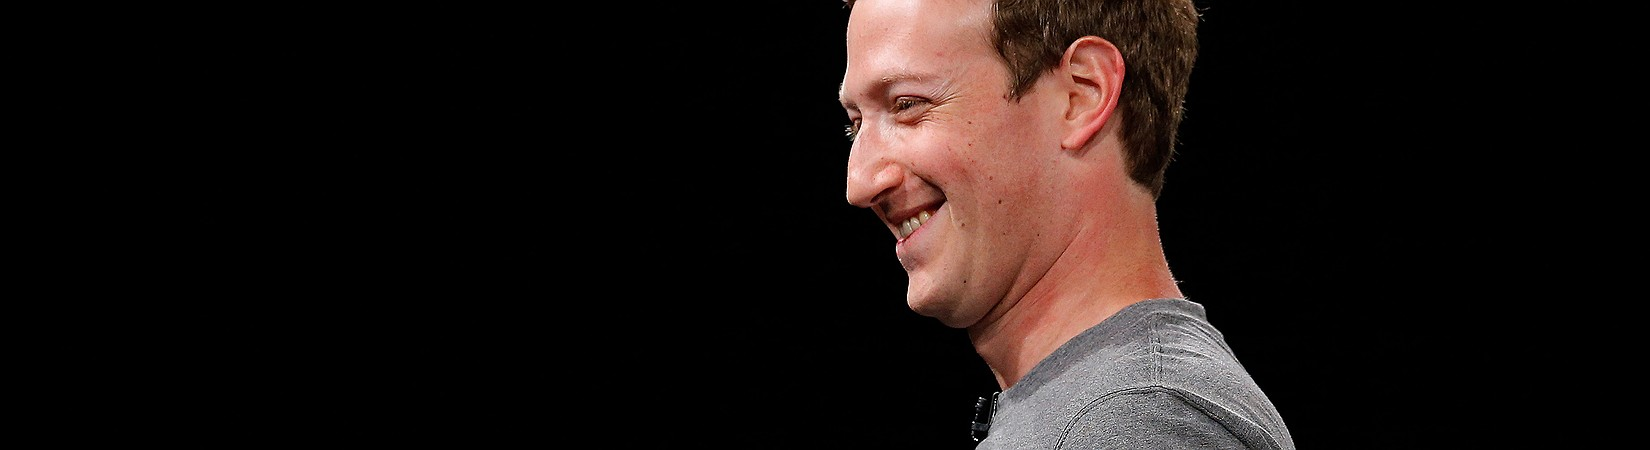 Los secretos para ser productivos de Zuckerberg, Gates y Musk